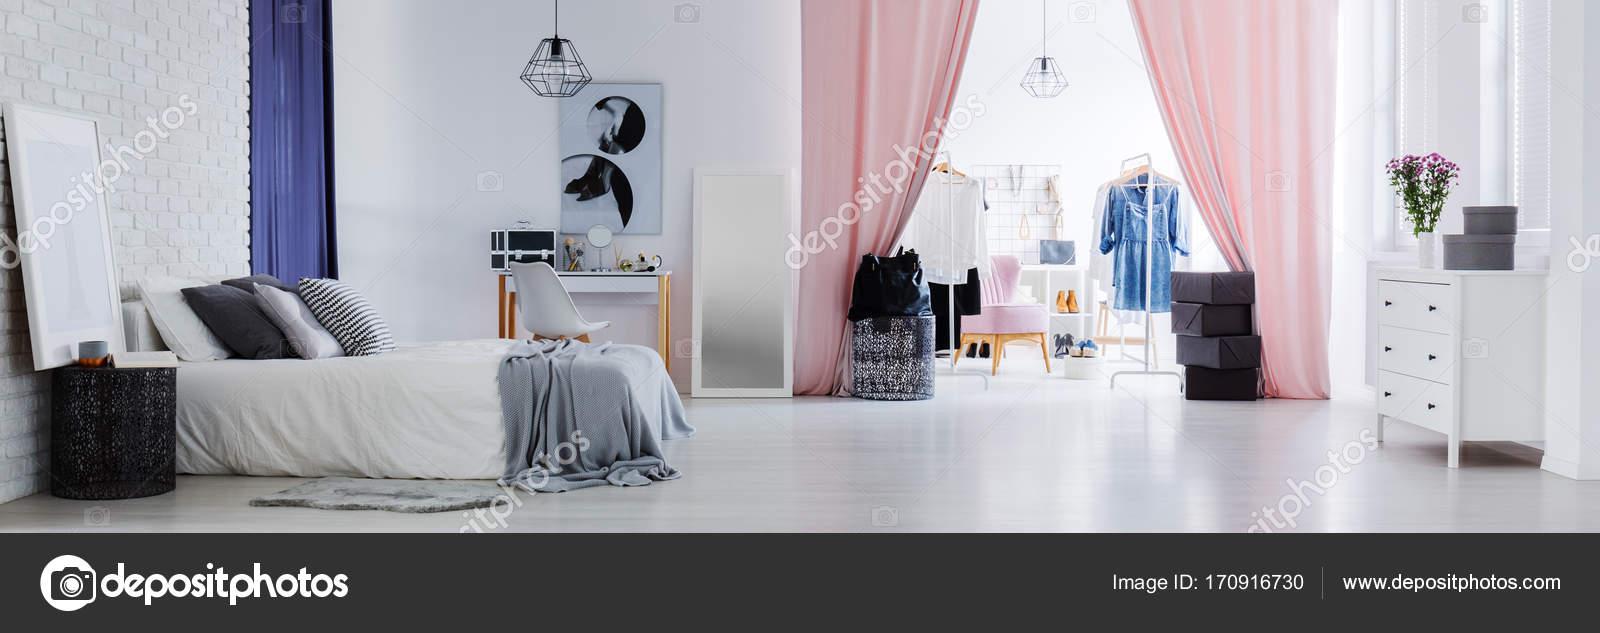 Inspirierend Schlafzimmer Mit Ankleidezimmer Ideen Von Helle Stilvolle Für Frauen Modischen Kleidern Im